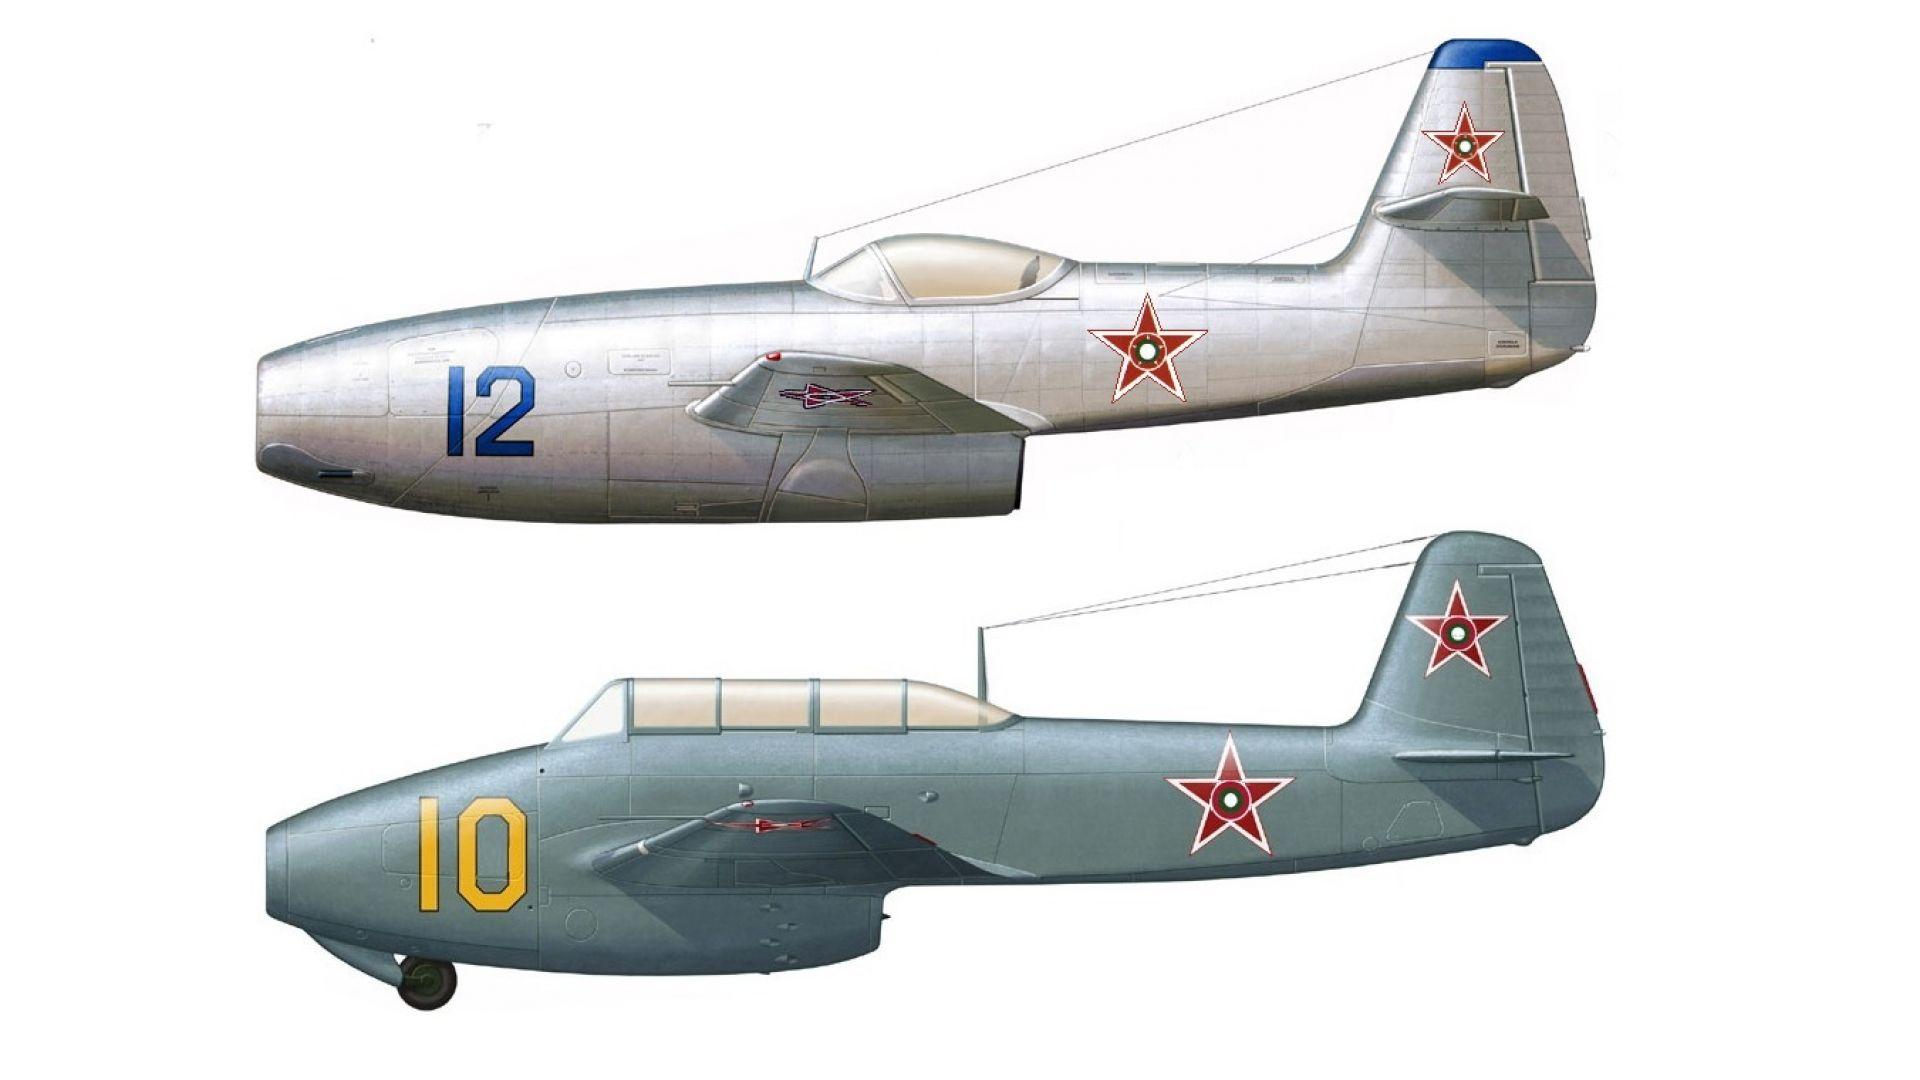 Така изглеждат първите реактивни самолети в родните ВВС - Як-23 и Як-17